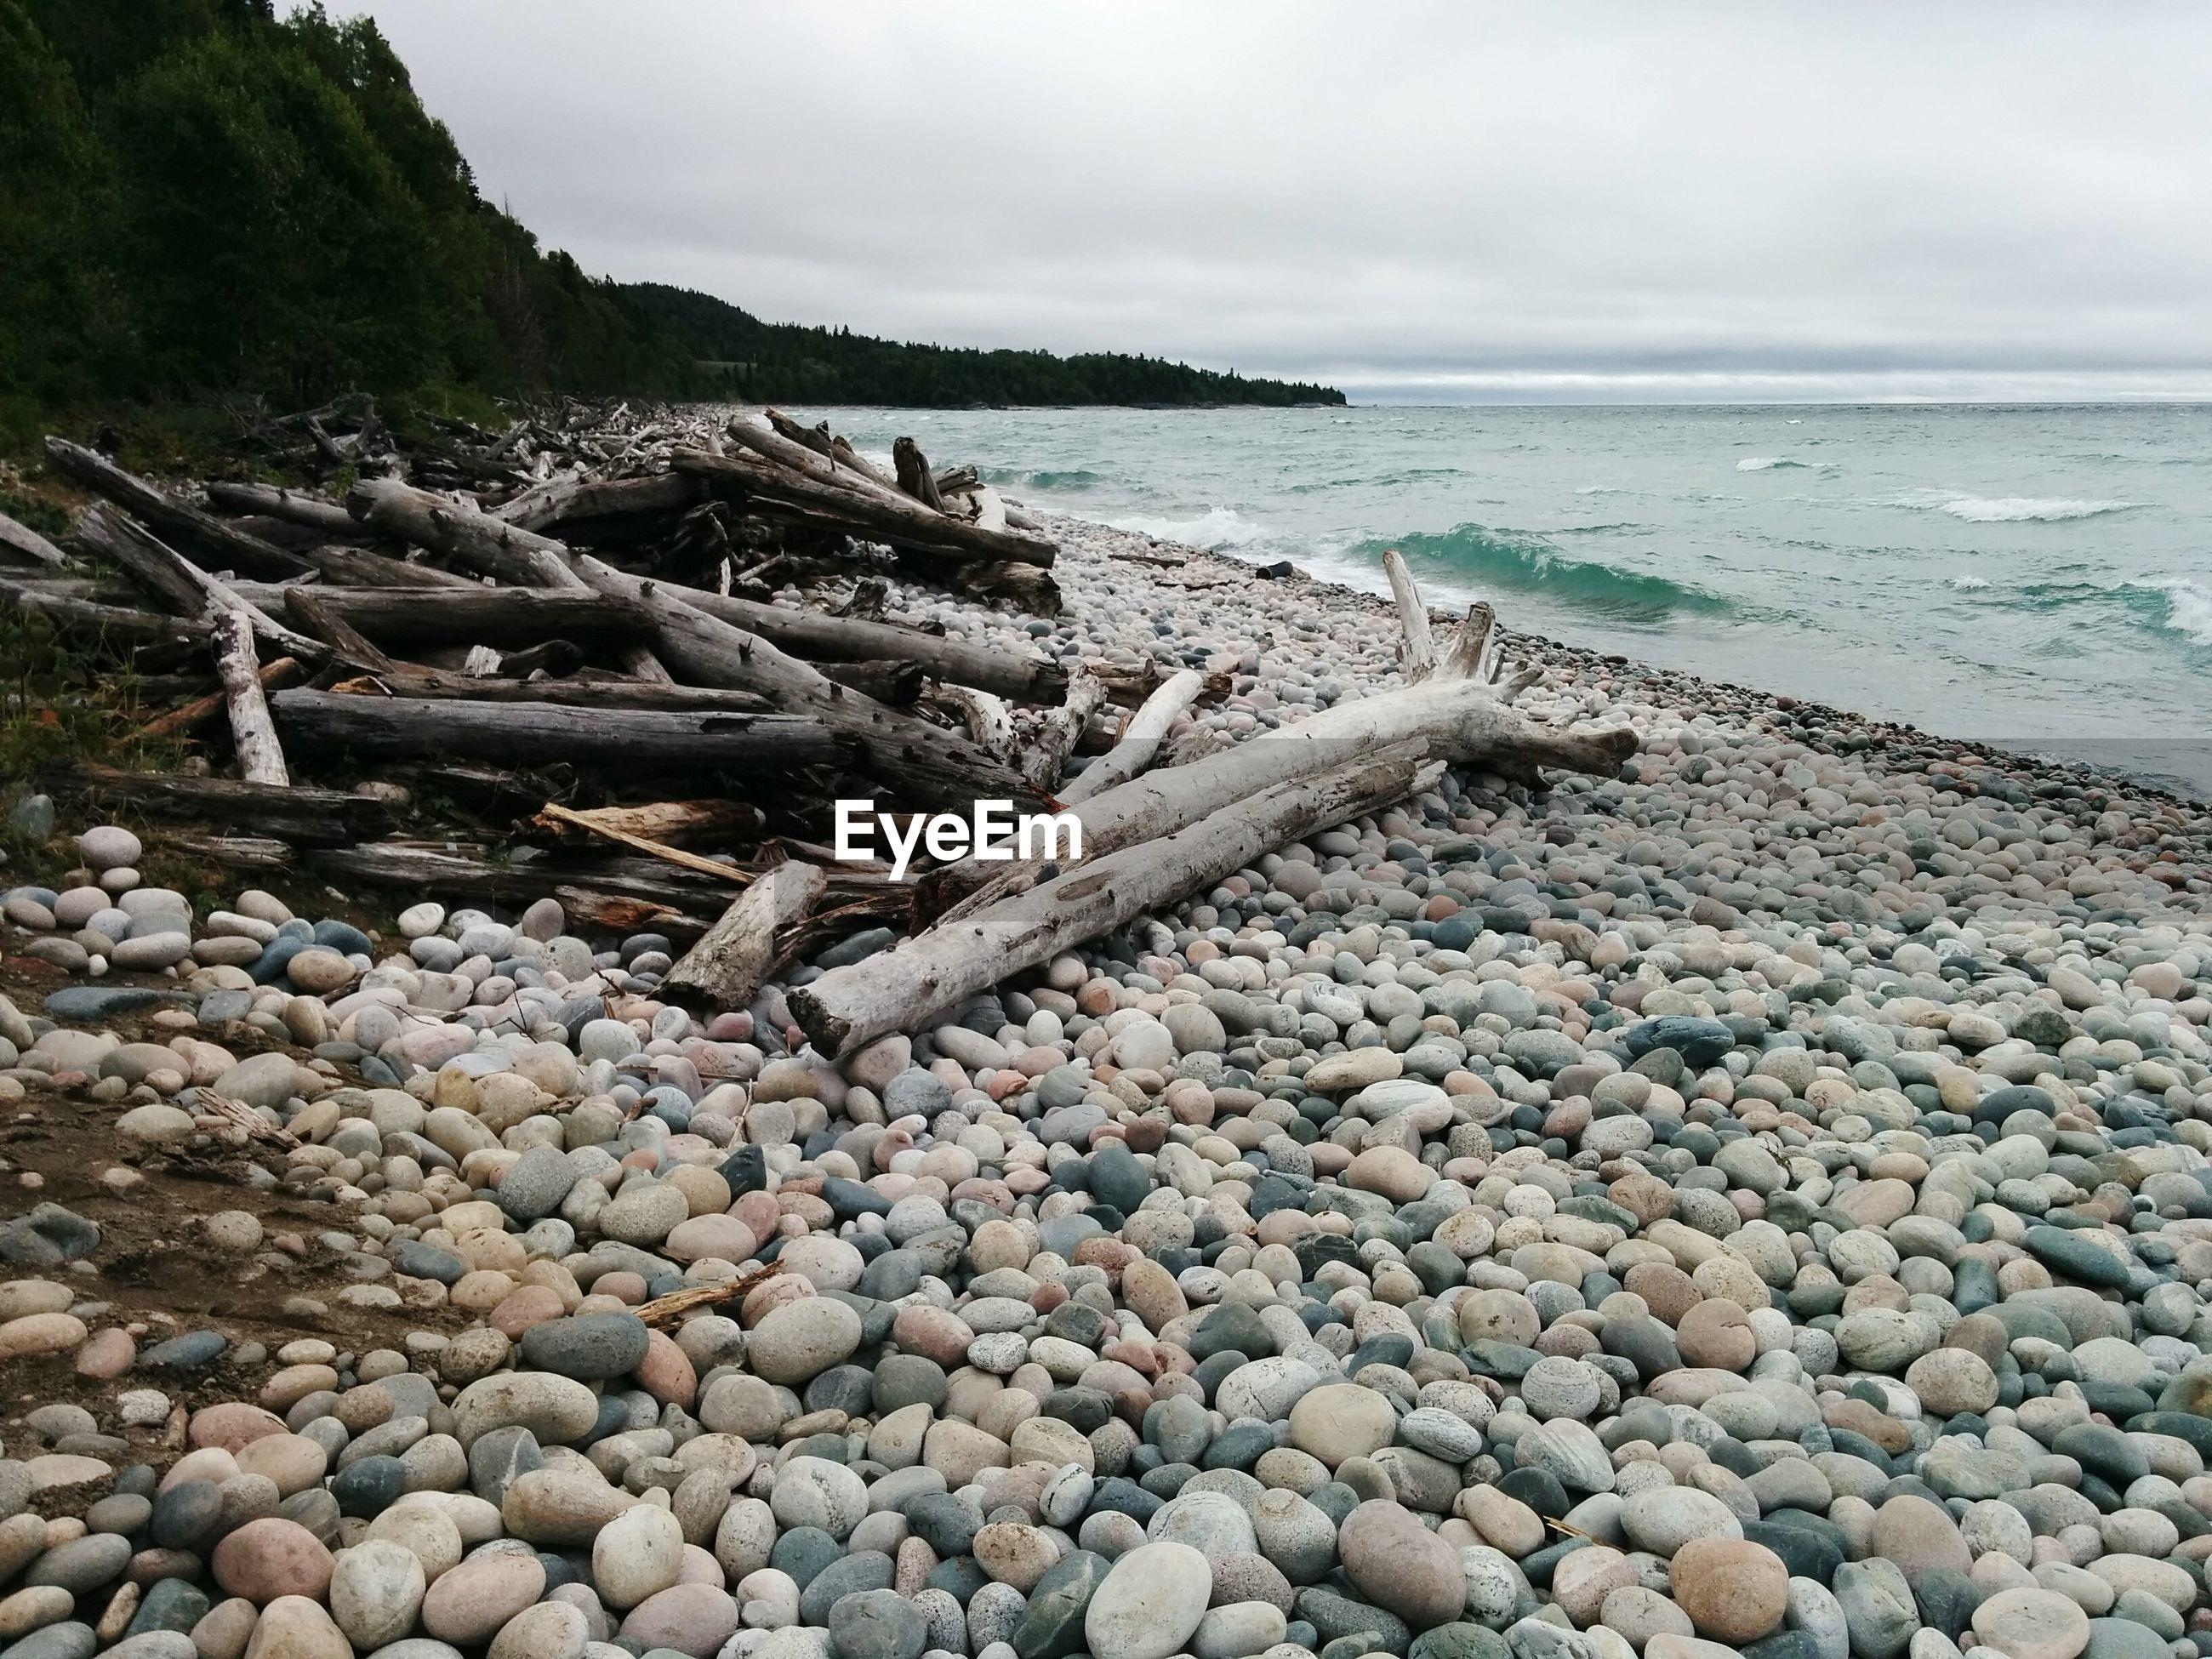 Pebbles on beach against cloudy sky